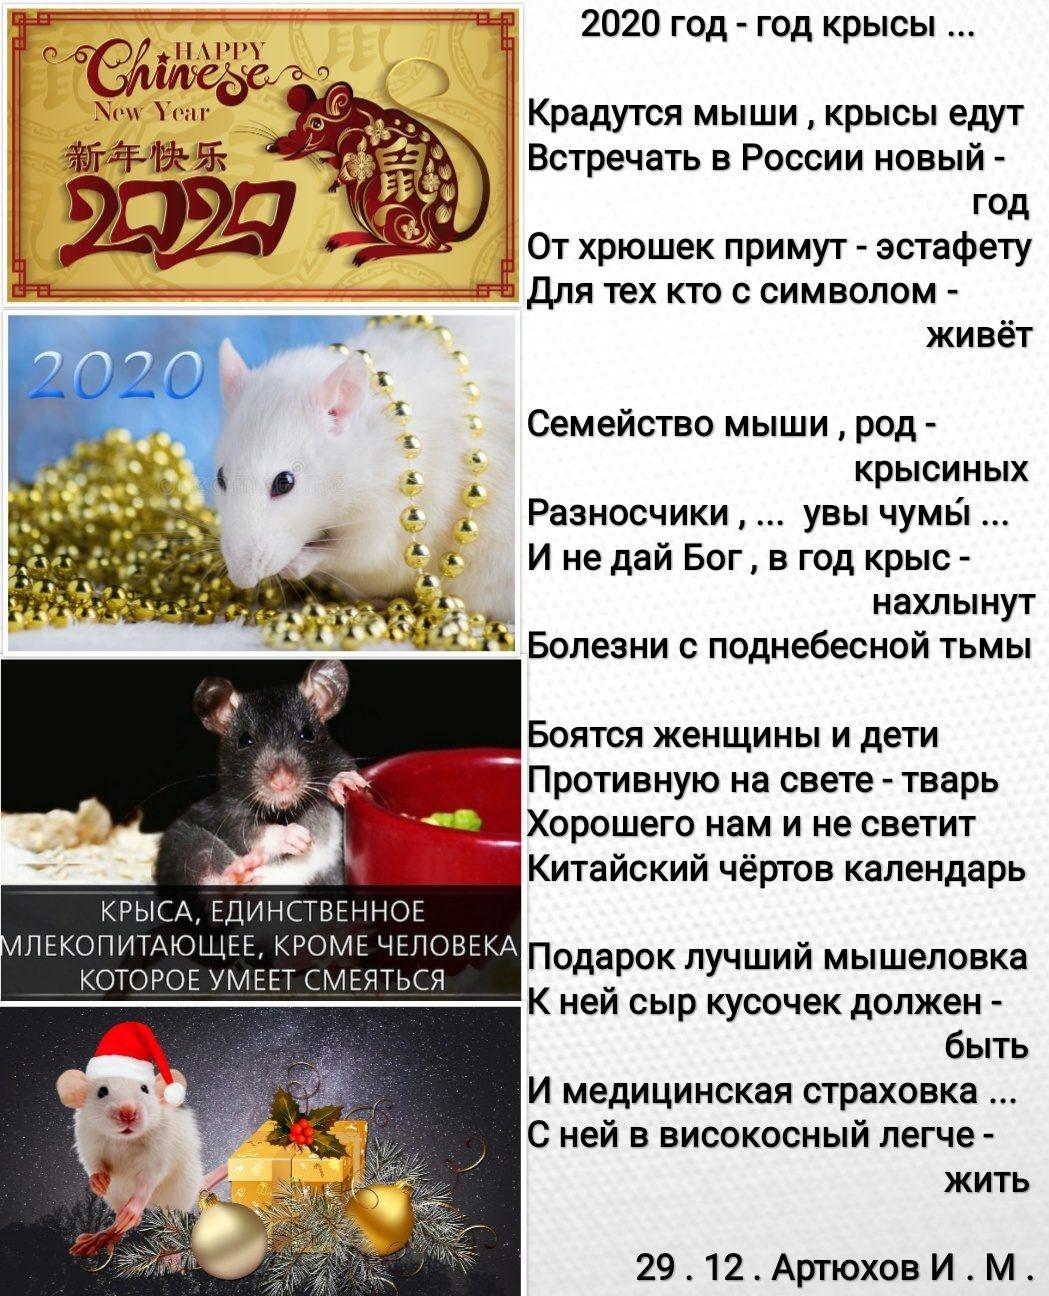 Новогодние поздравления в год крысы по знакам зодиака